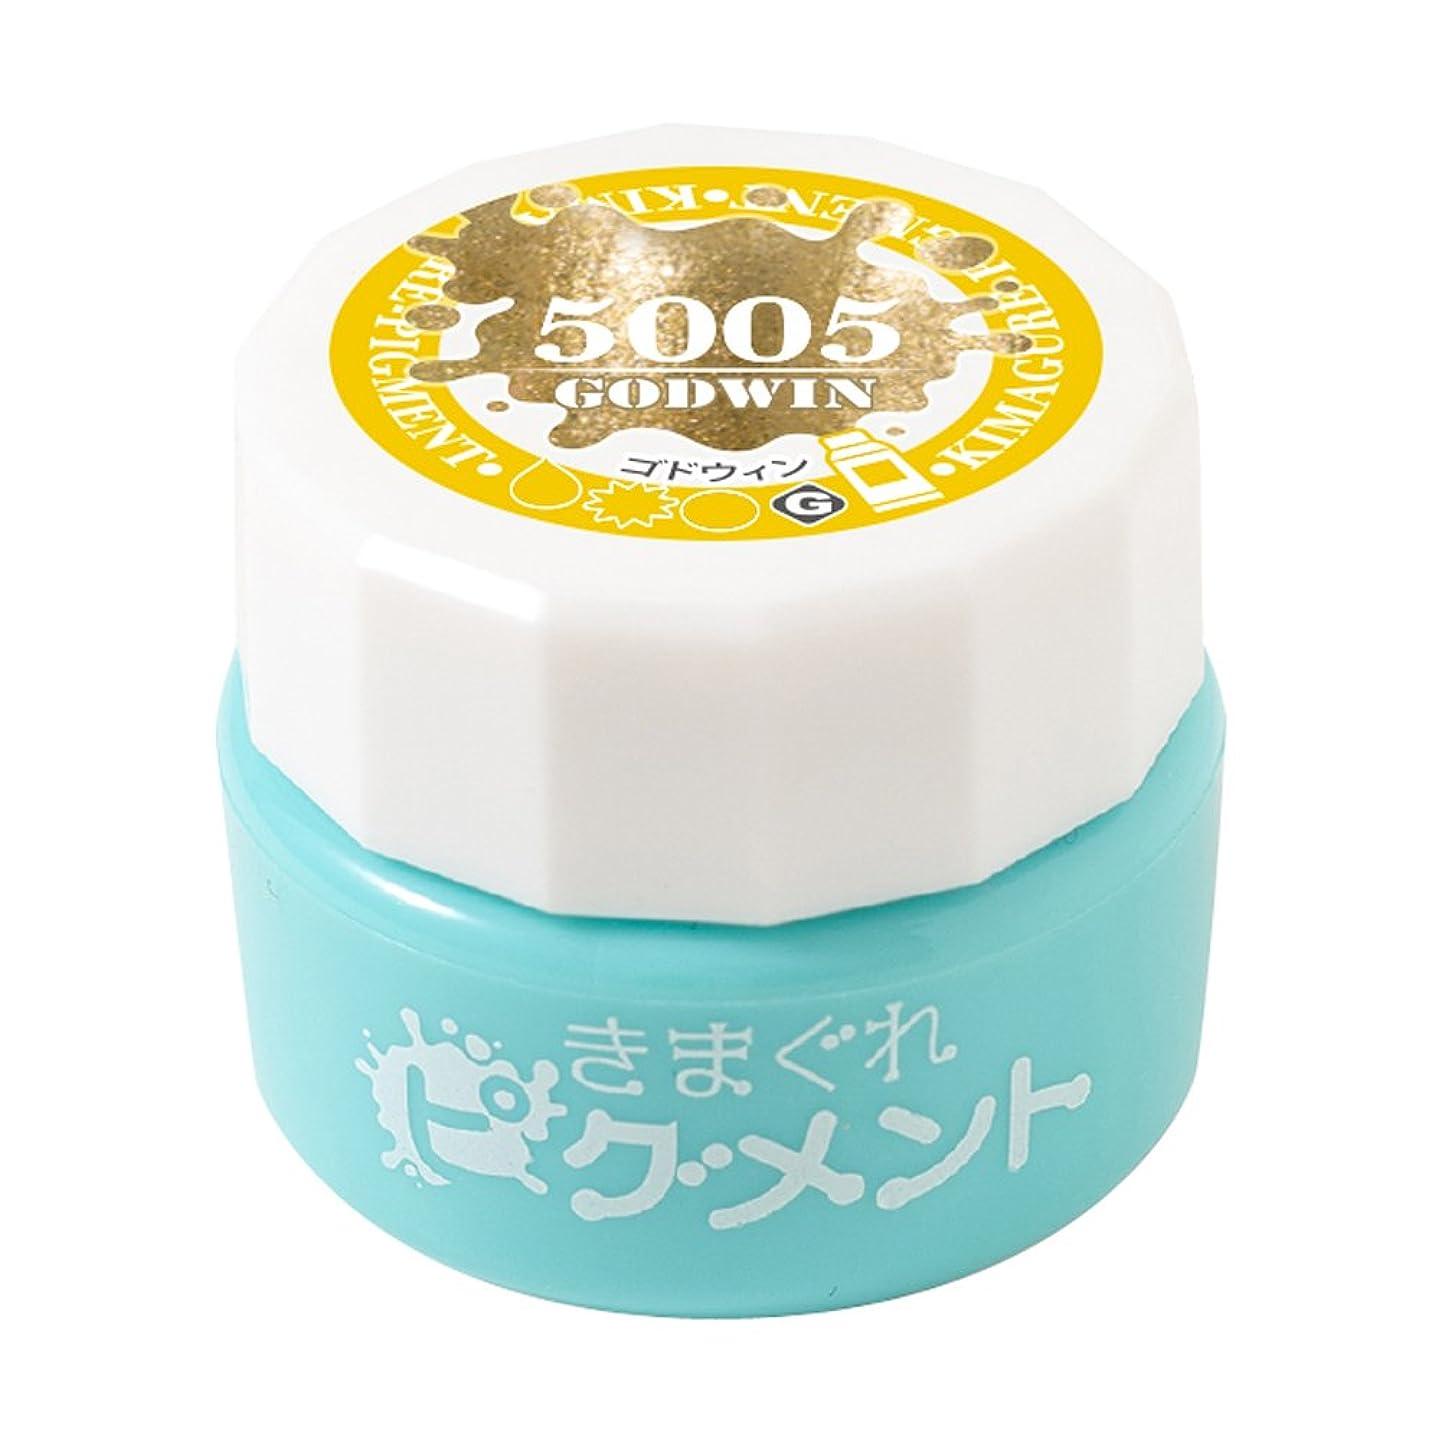 咳あまりにも農村Bettygel きまぐれピグメント ゴドウィン QYJ-5005 4g UV/LED対応